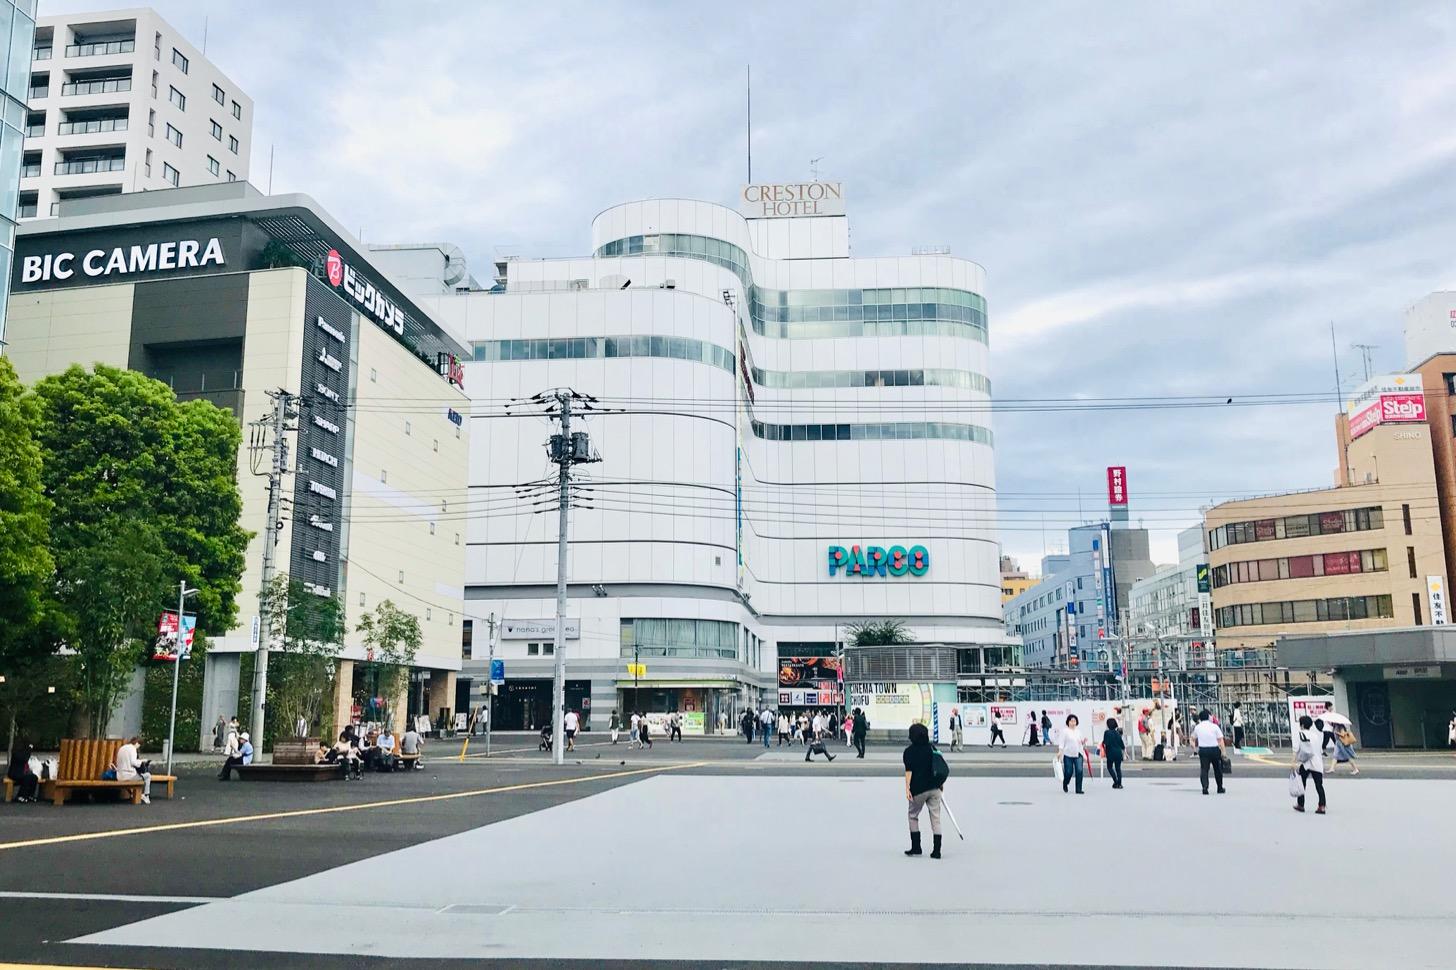 【ラグビーワールドカップ2019】調布駅前広場で「ファンゾーン in 東京」が開催。パブリックビューイング会場